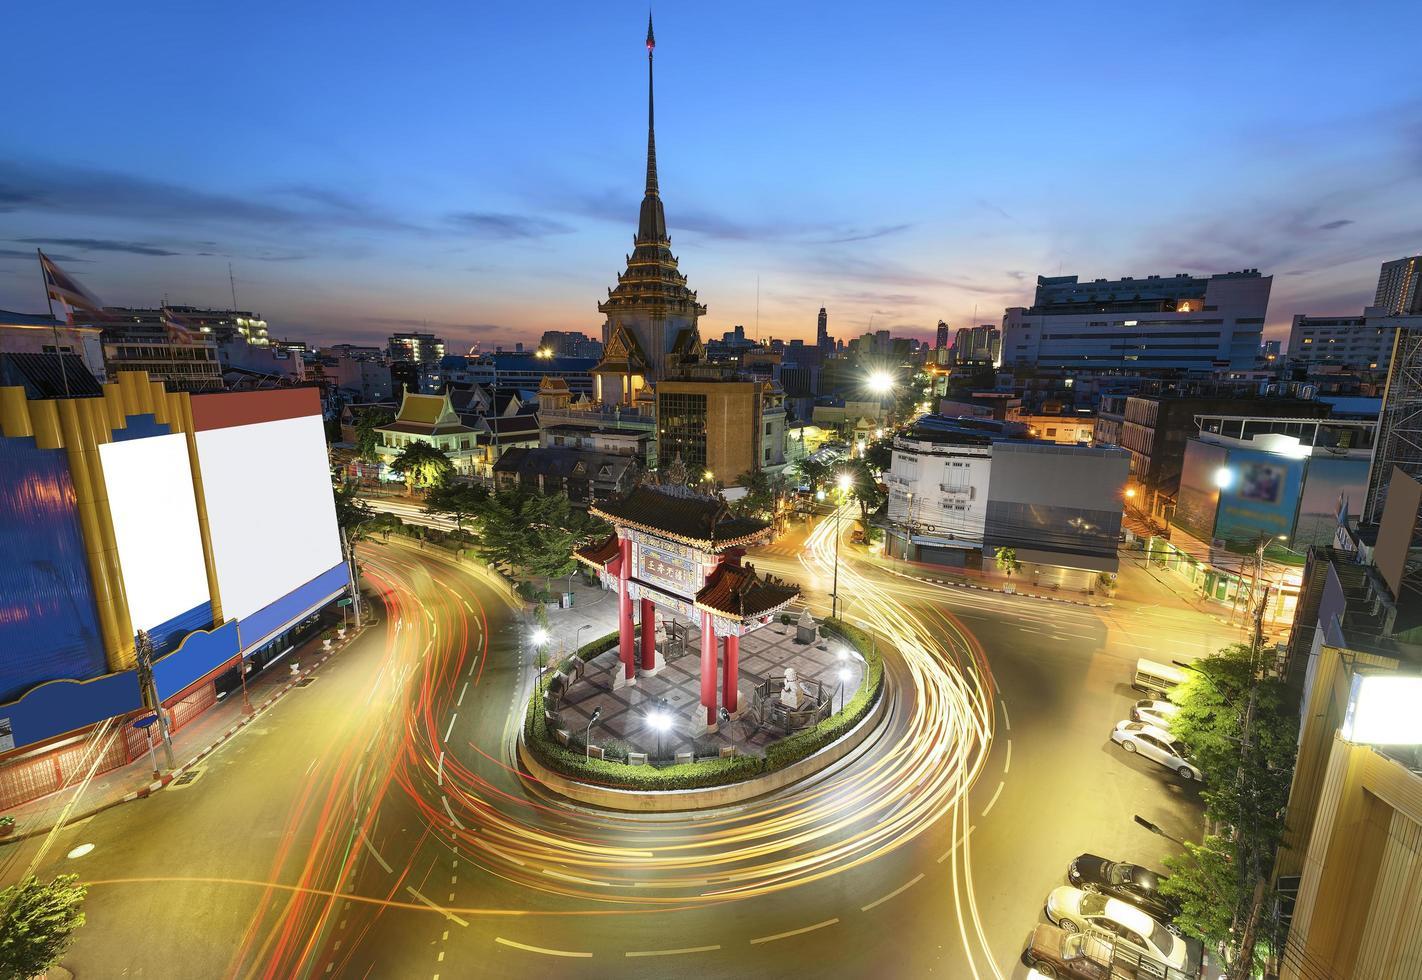 der Torbogen und Tempel in Bangkok, Thailand foto